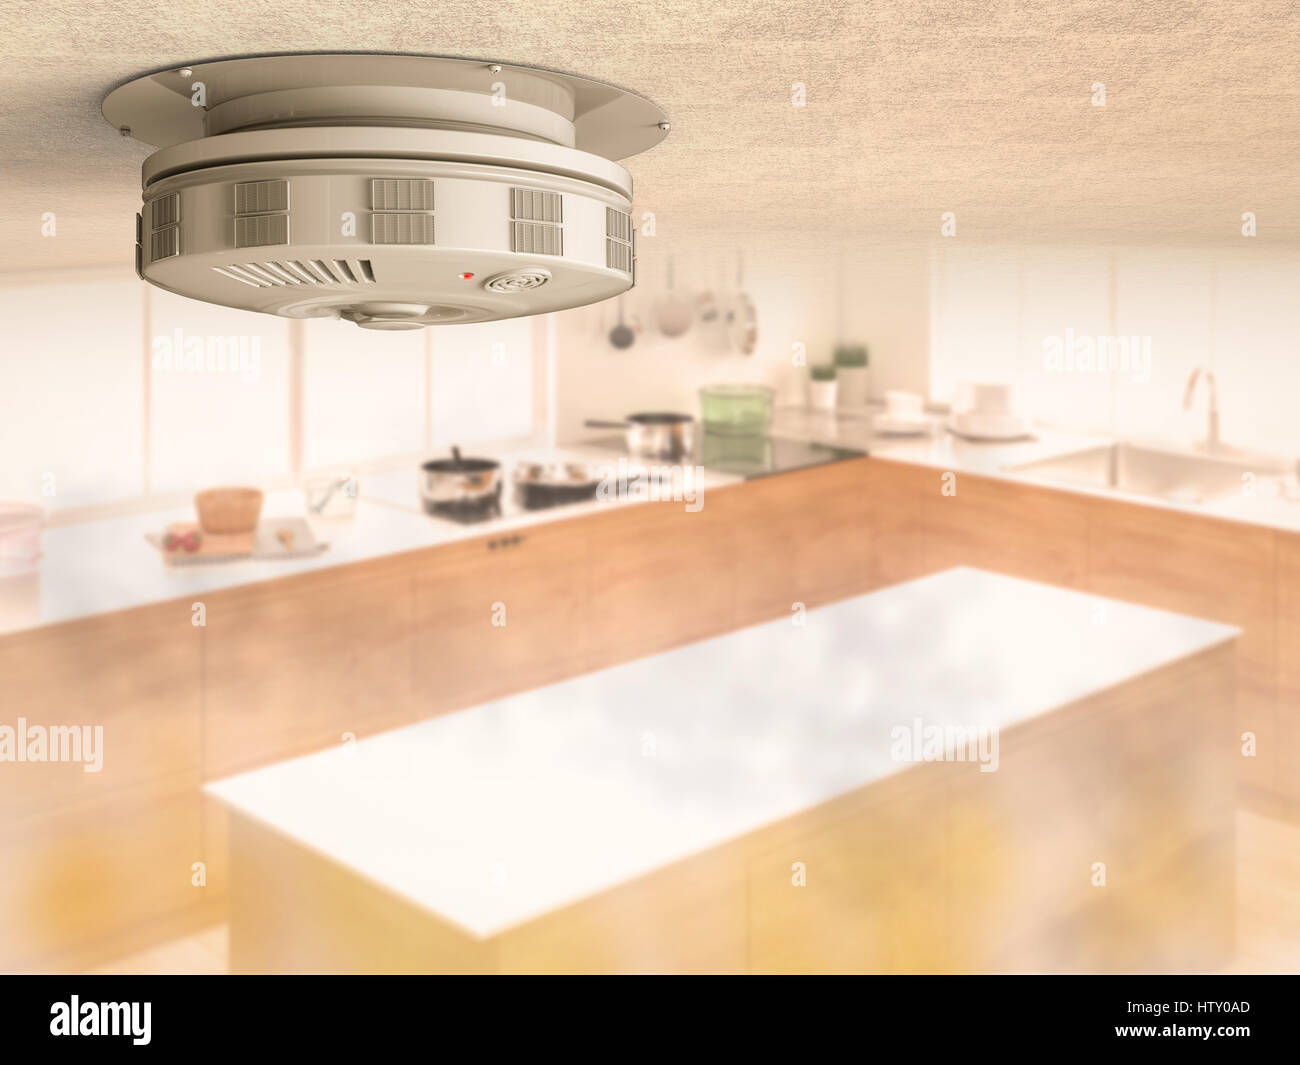 3D Rendering Rauchmelder an die Decke mit Rauch in Küche Stockfoto ...